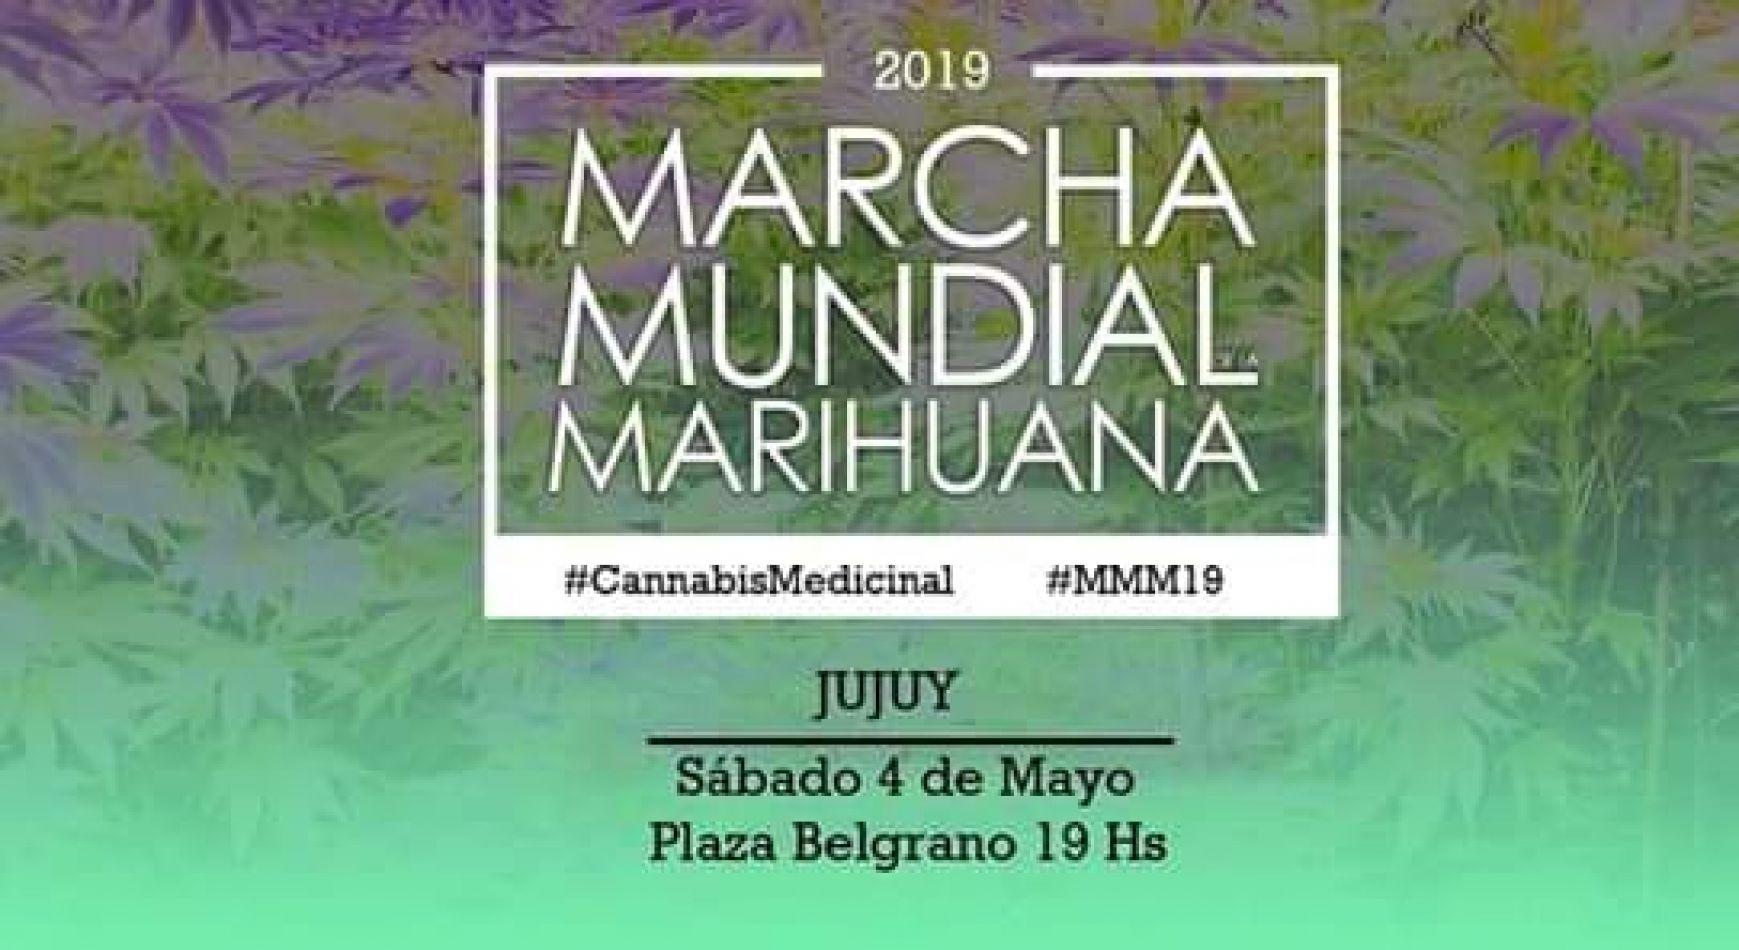 Convocan en Jujuy a la Marcha Mundial de la Marihuana, desde las 19 en Plaza Belgrano